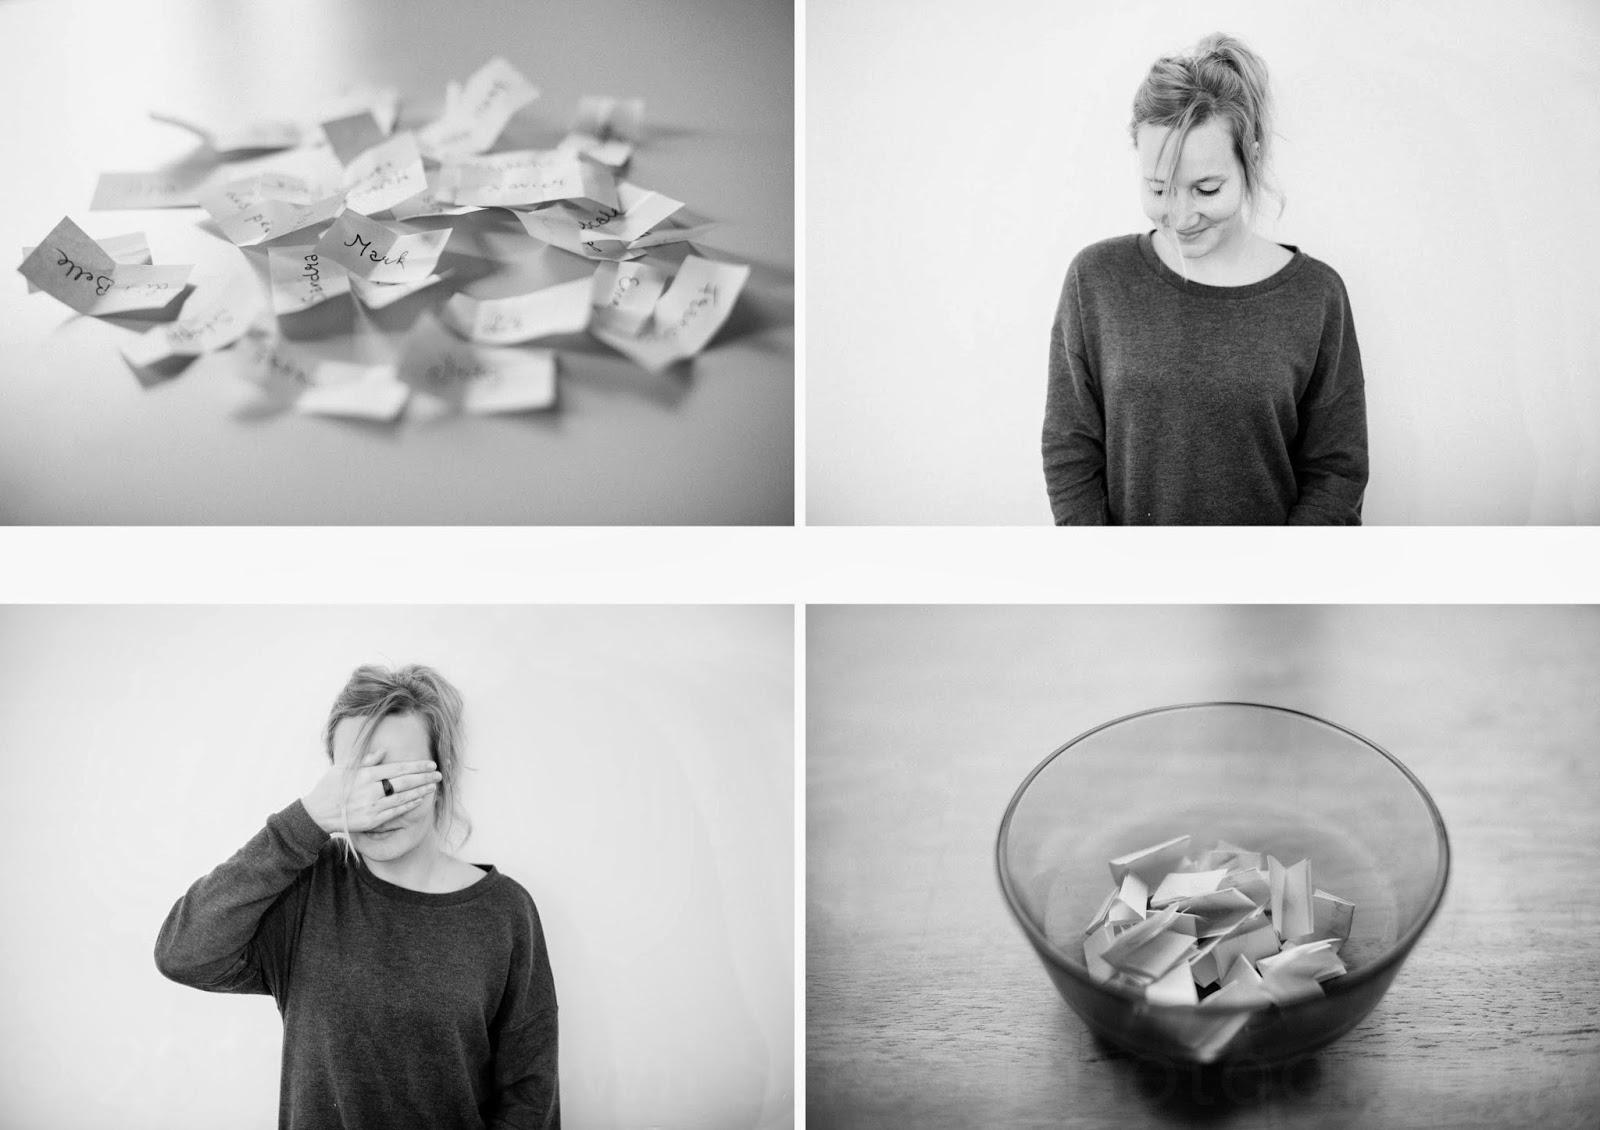 © 2014 La Vie d'Anne | http://anneliewillemijn.blogspot.com